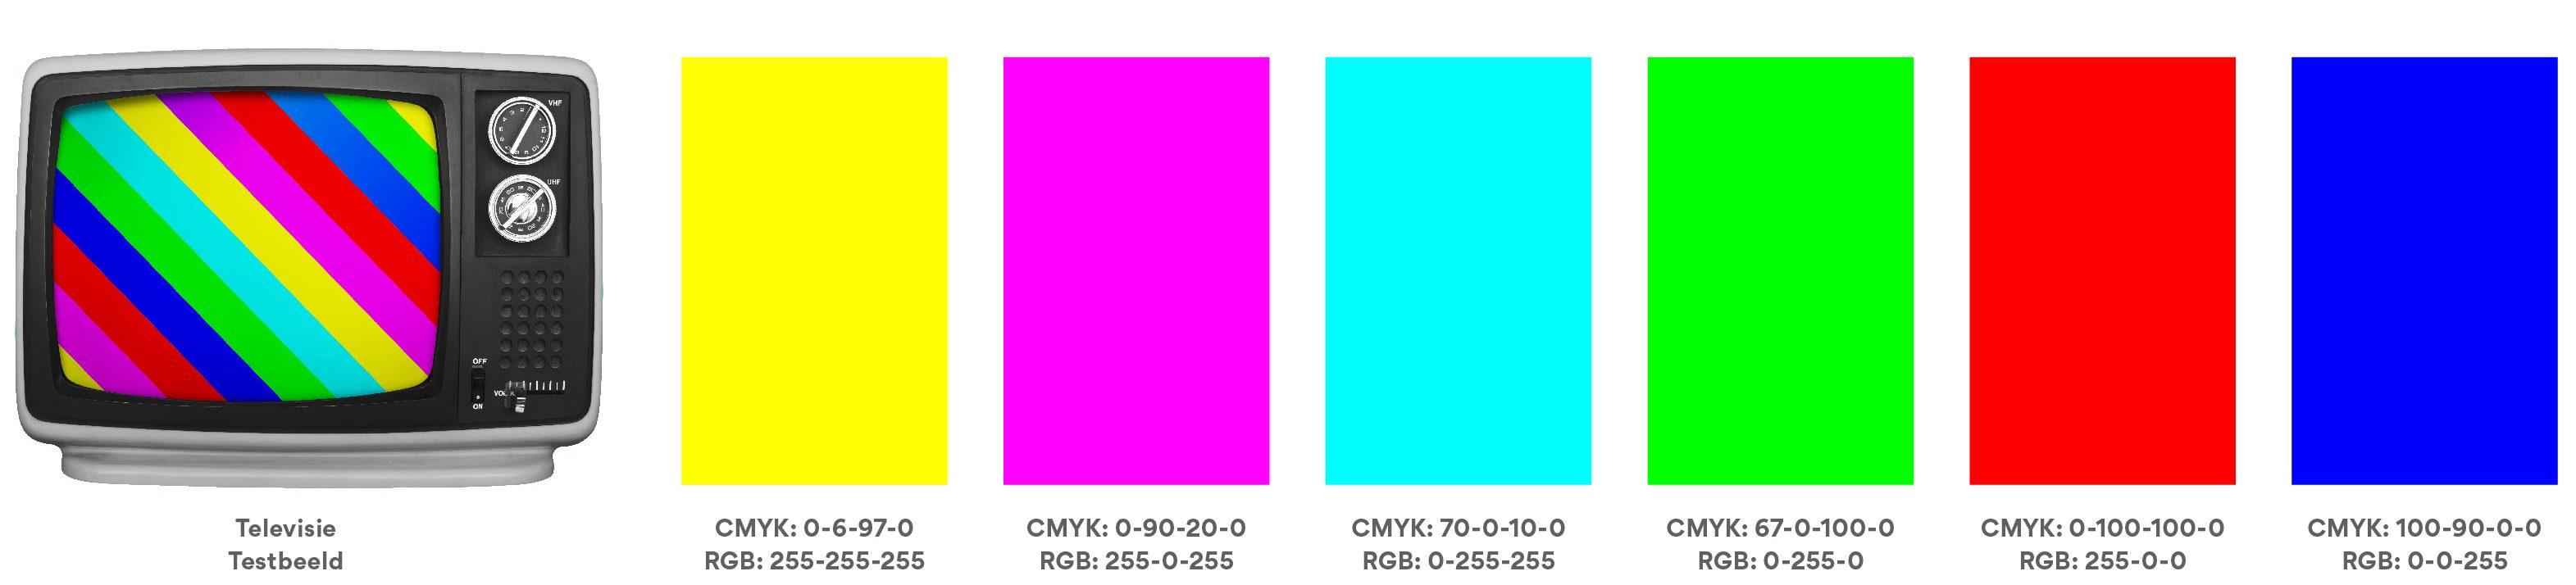 kleuren hilversum marketing